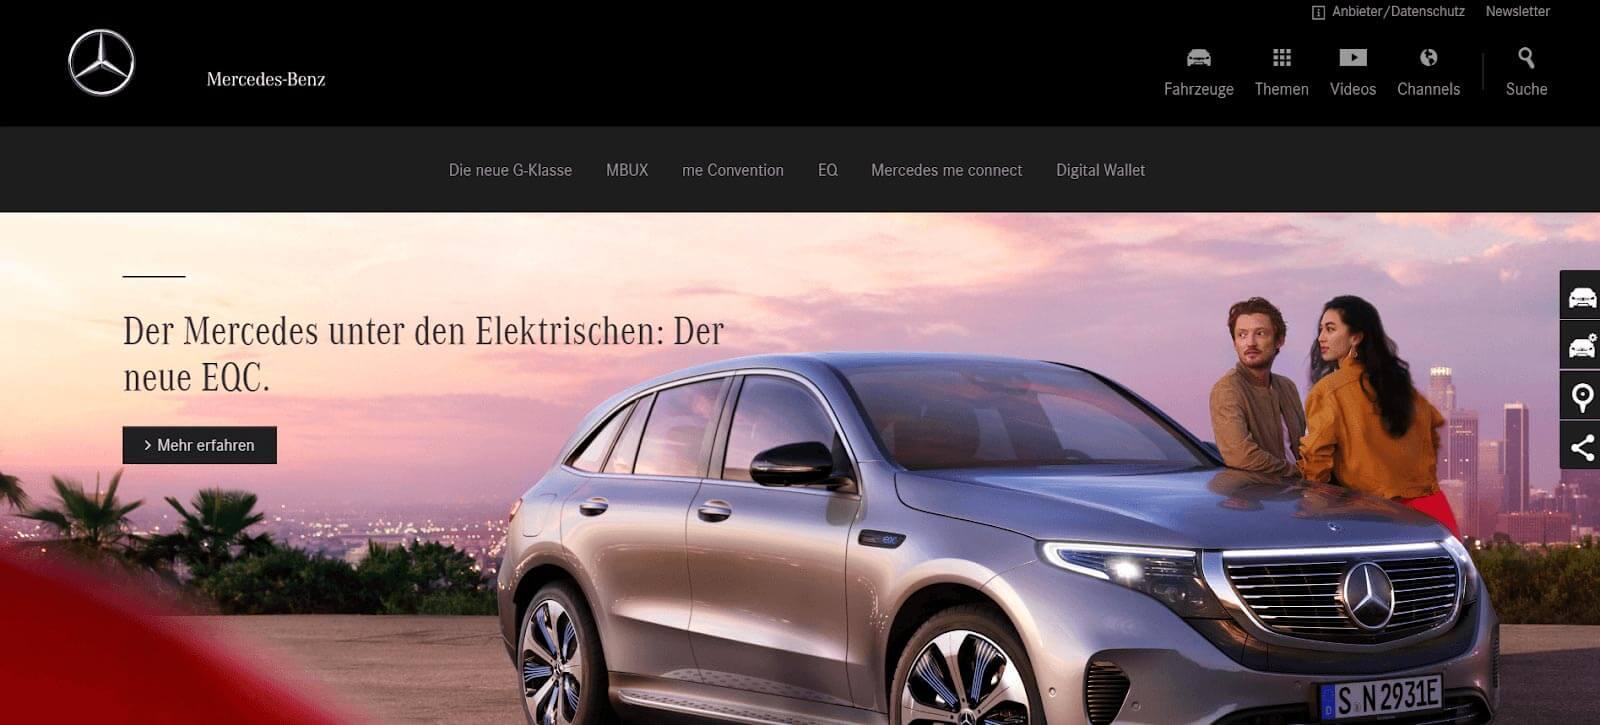 Website Farbschema dunkel